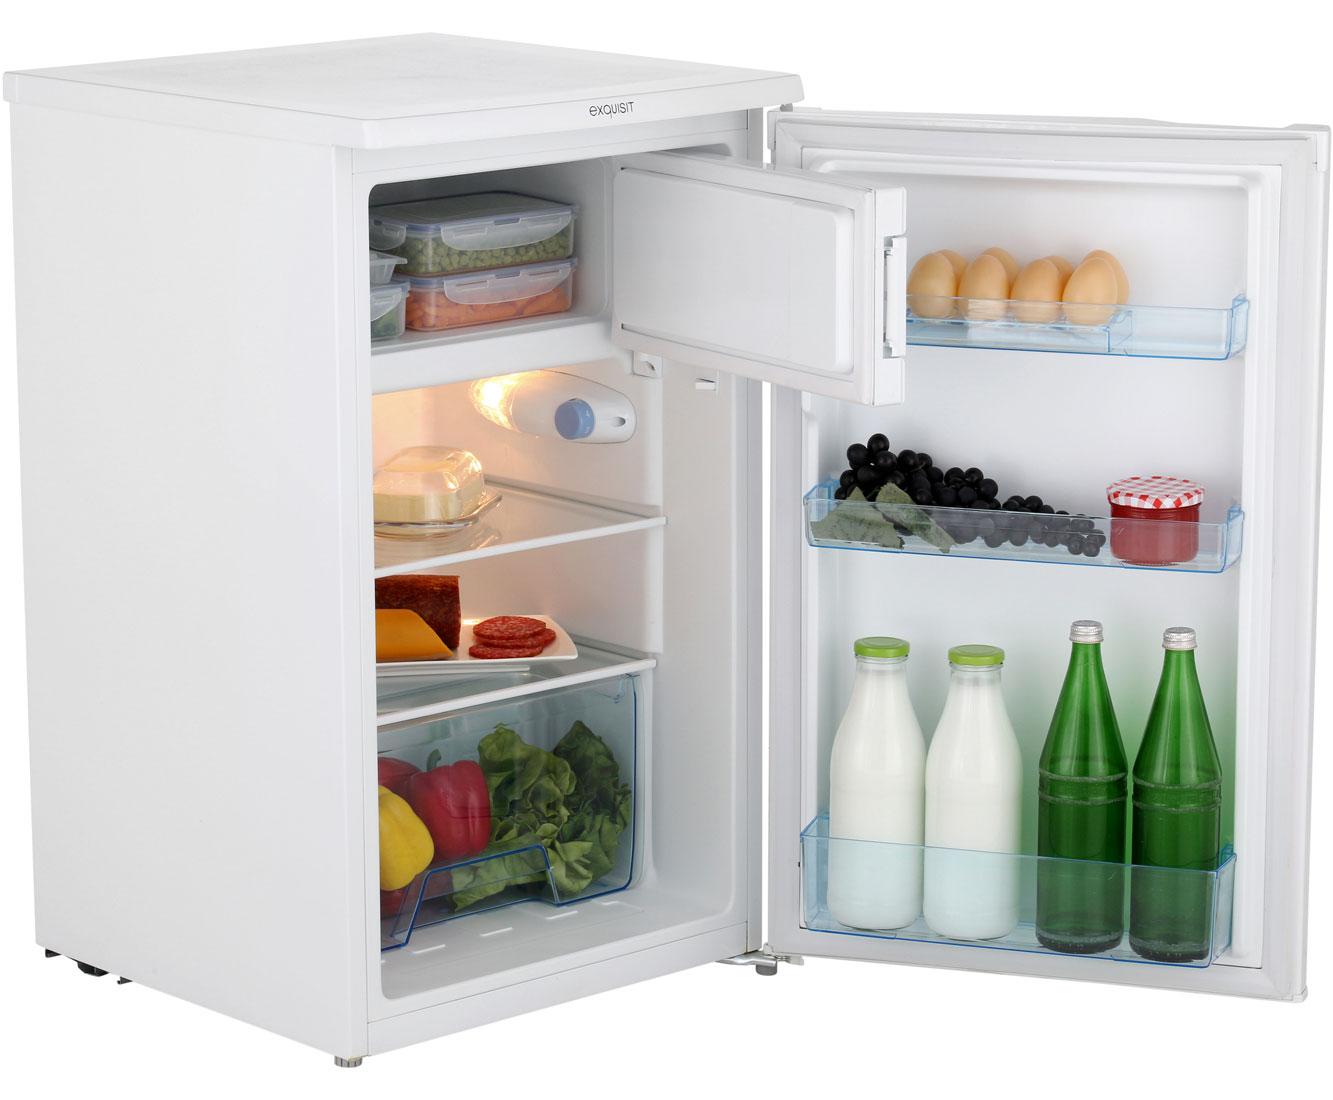 Kleiner Kühlschrank Günstig : Kleiner kühlschrank günstig günstige mini kühlschrank preis l